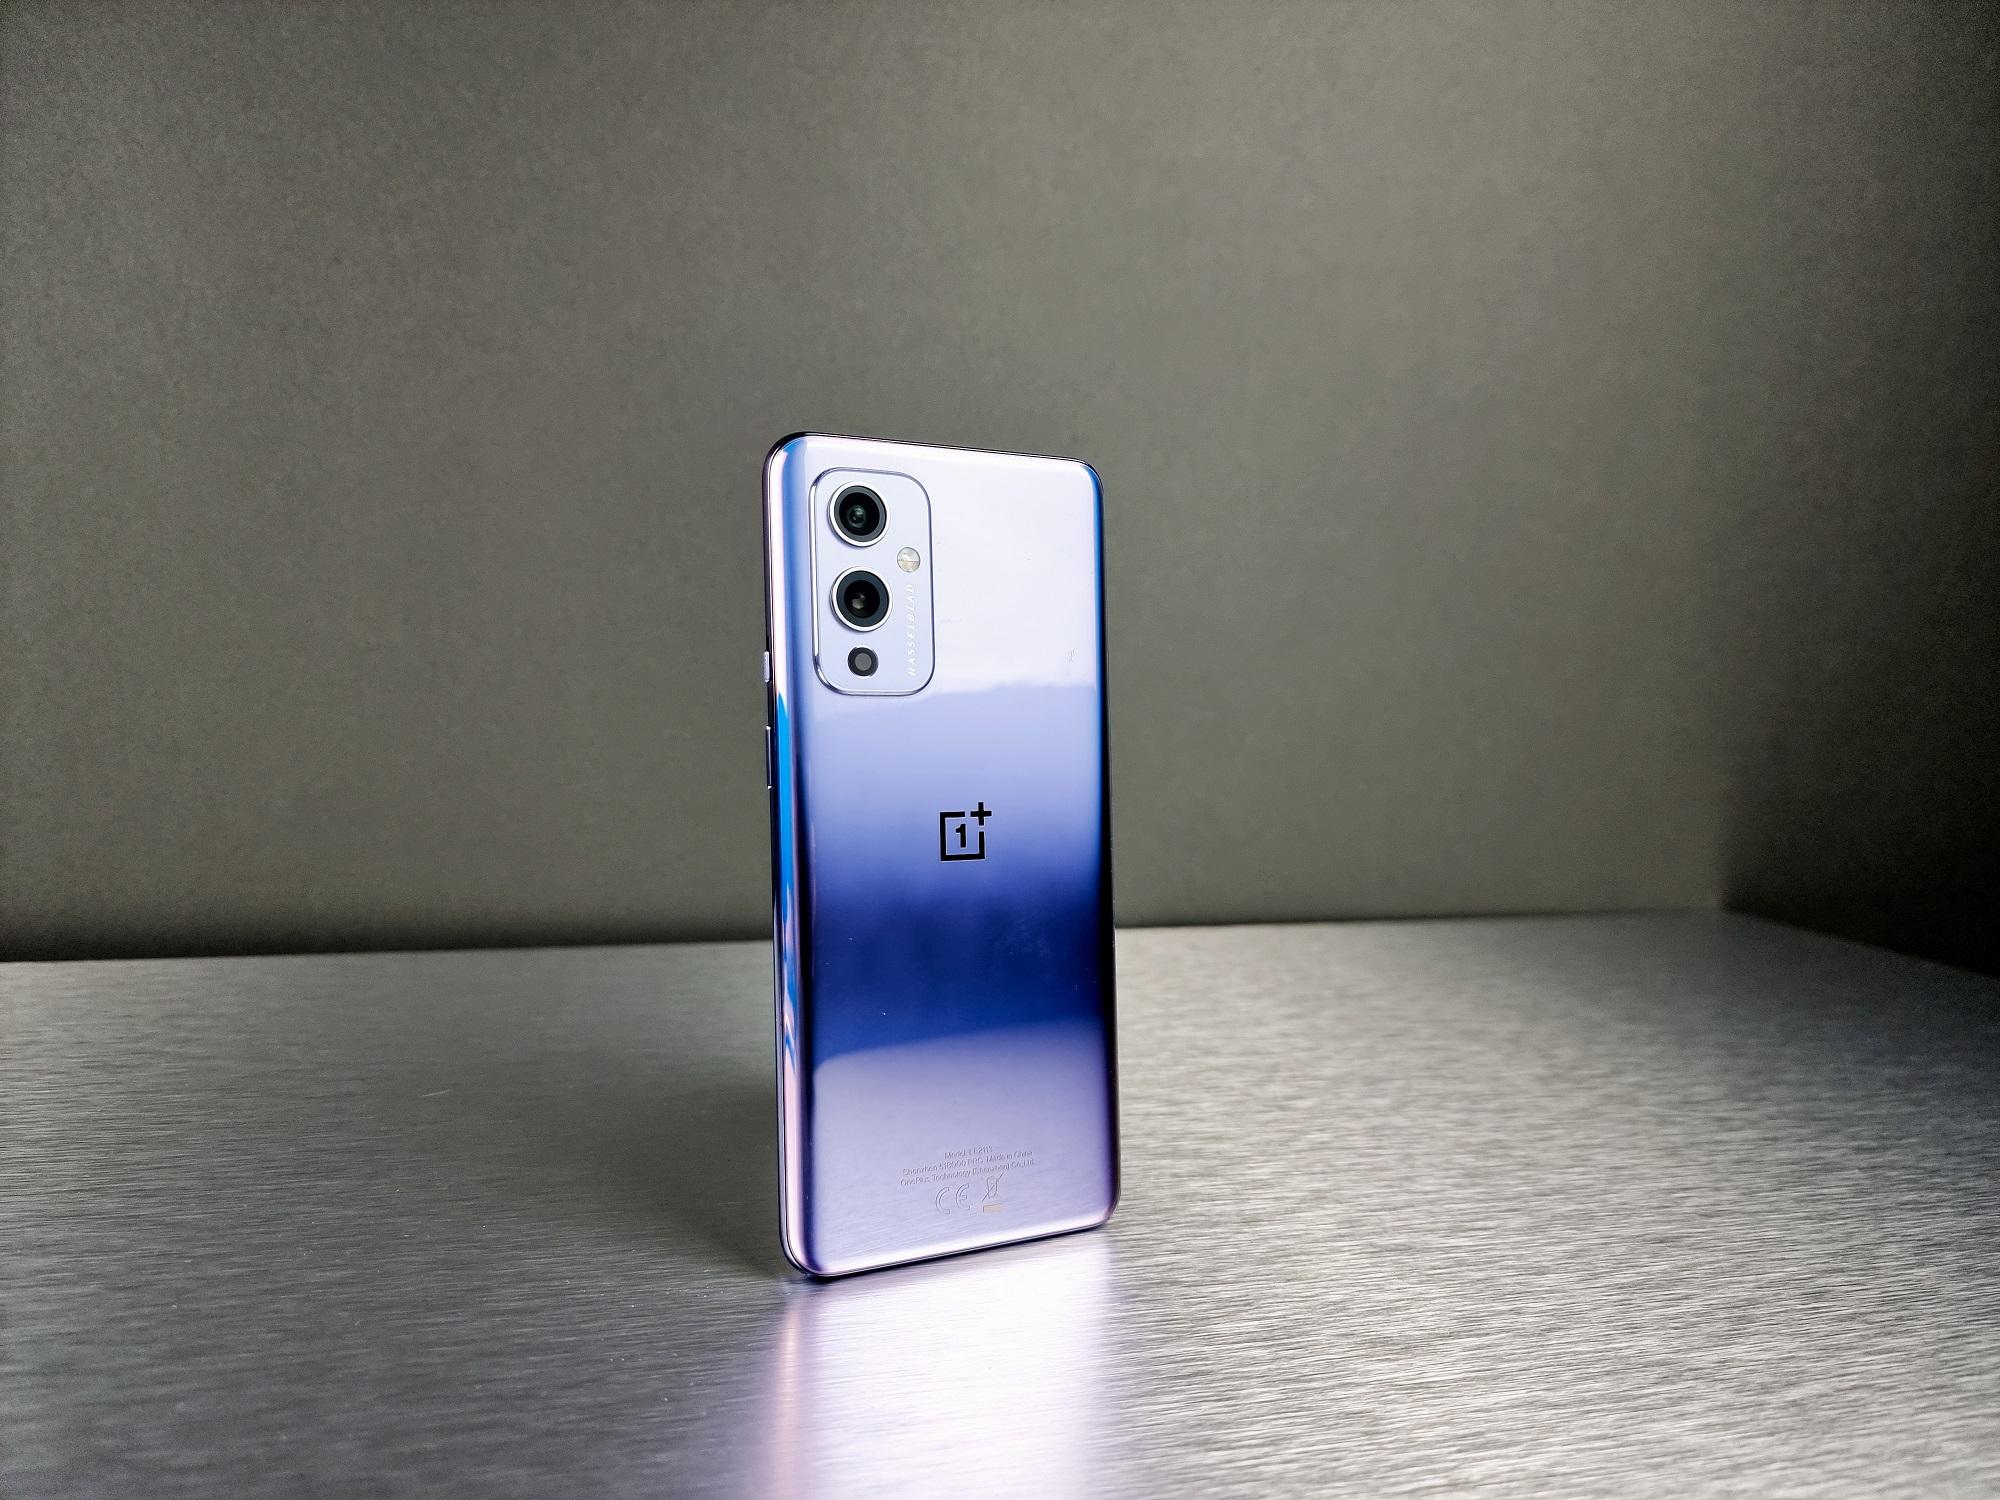 OnePlus-lurar får temabutik med nästa stora uppdatering Fortsätter bli mer likt Samsung